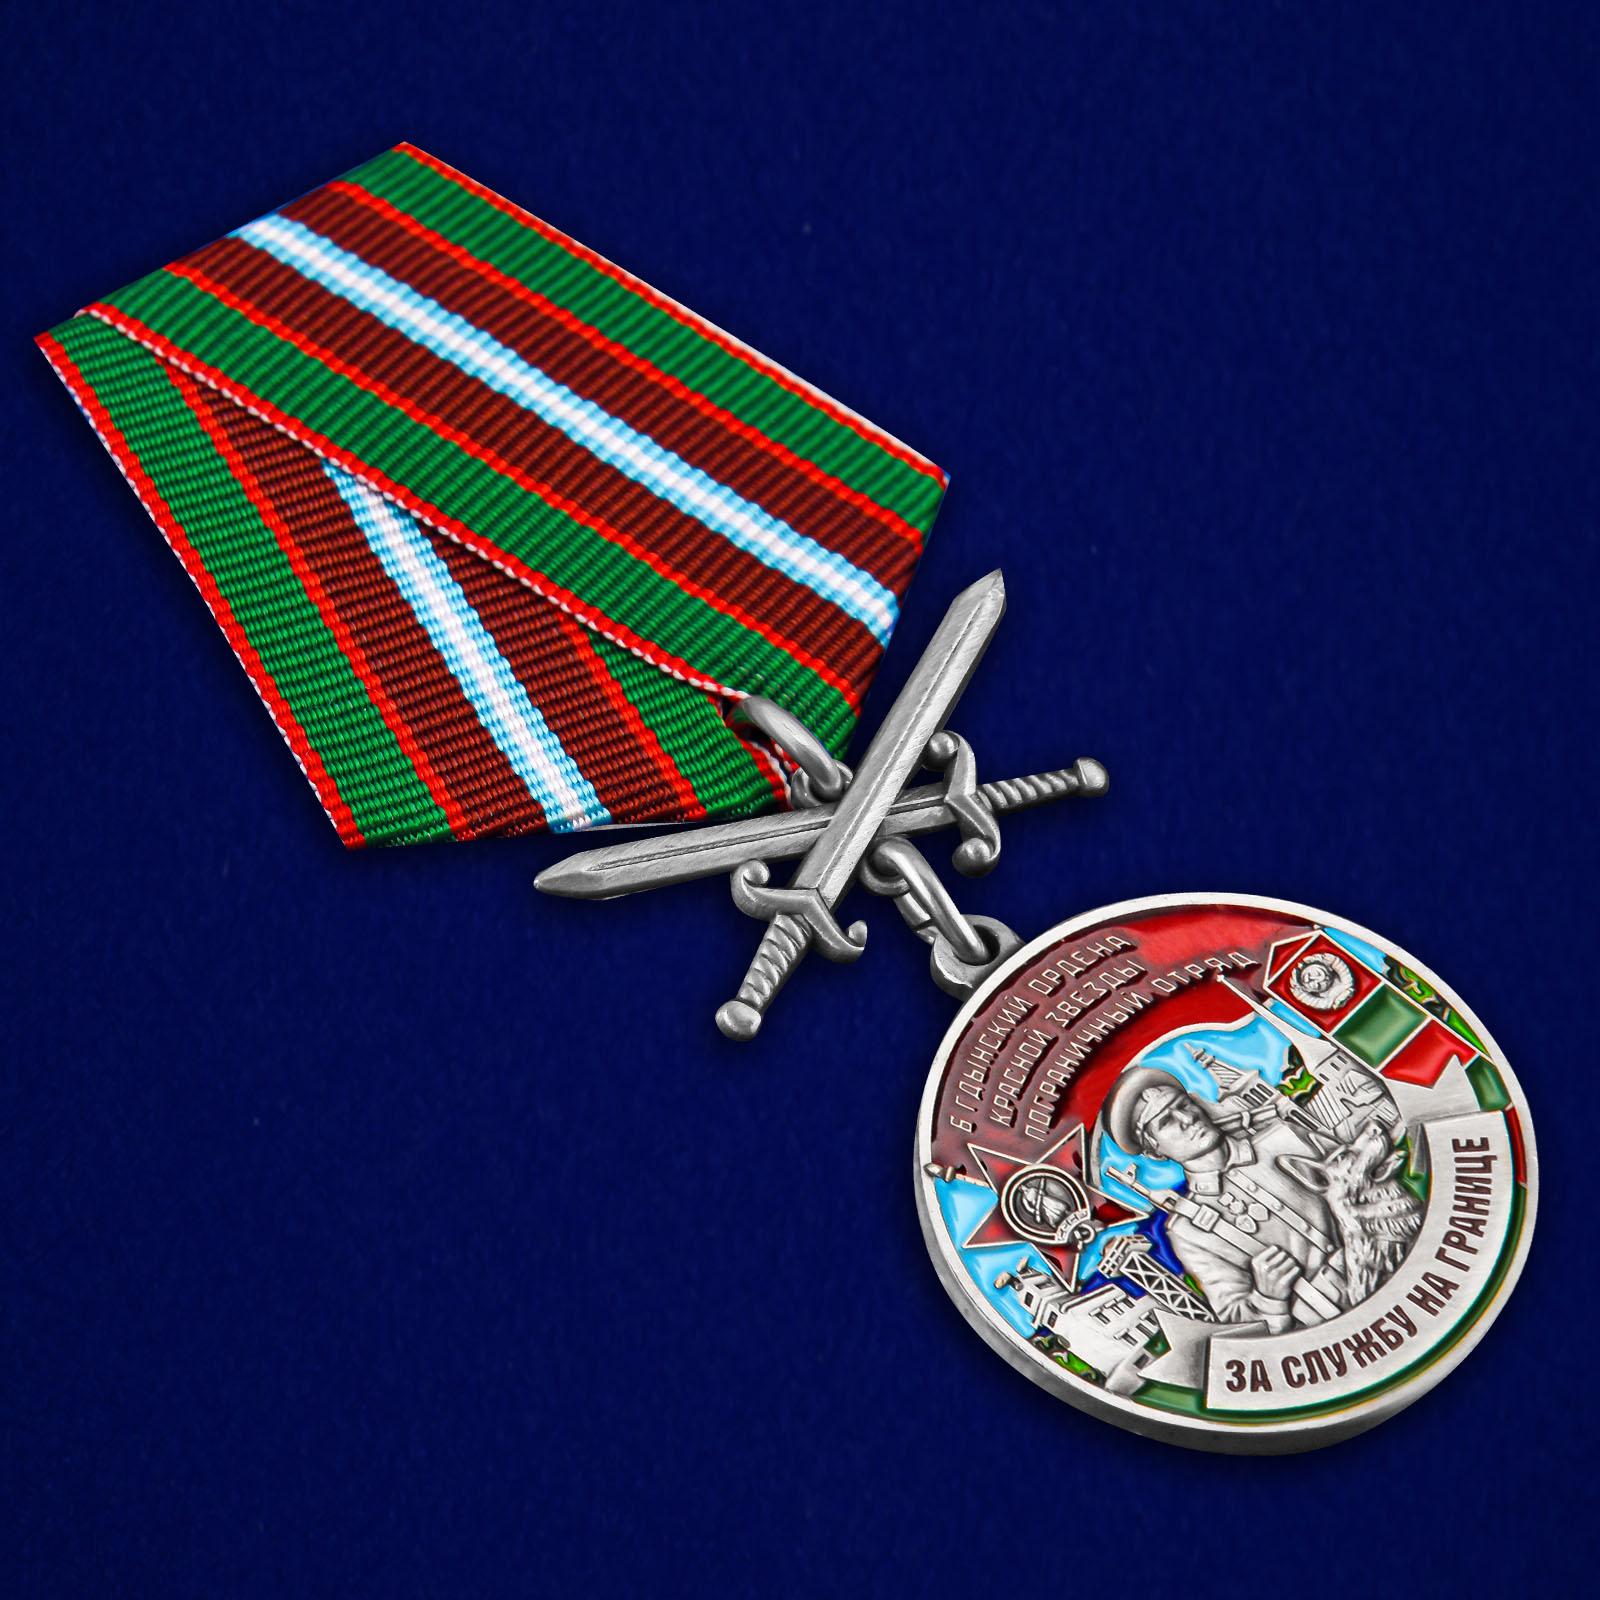 """Купить медаль """"За службу в Гдынском пограничном отряде"""""""